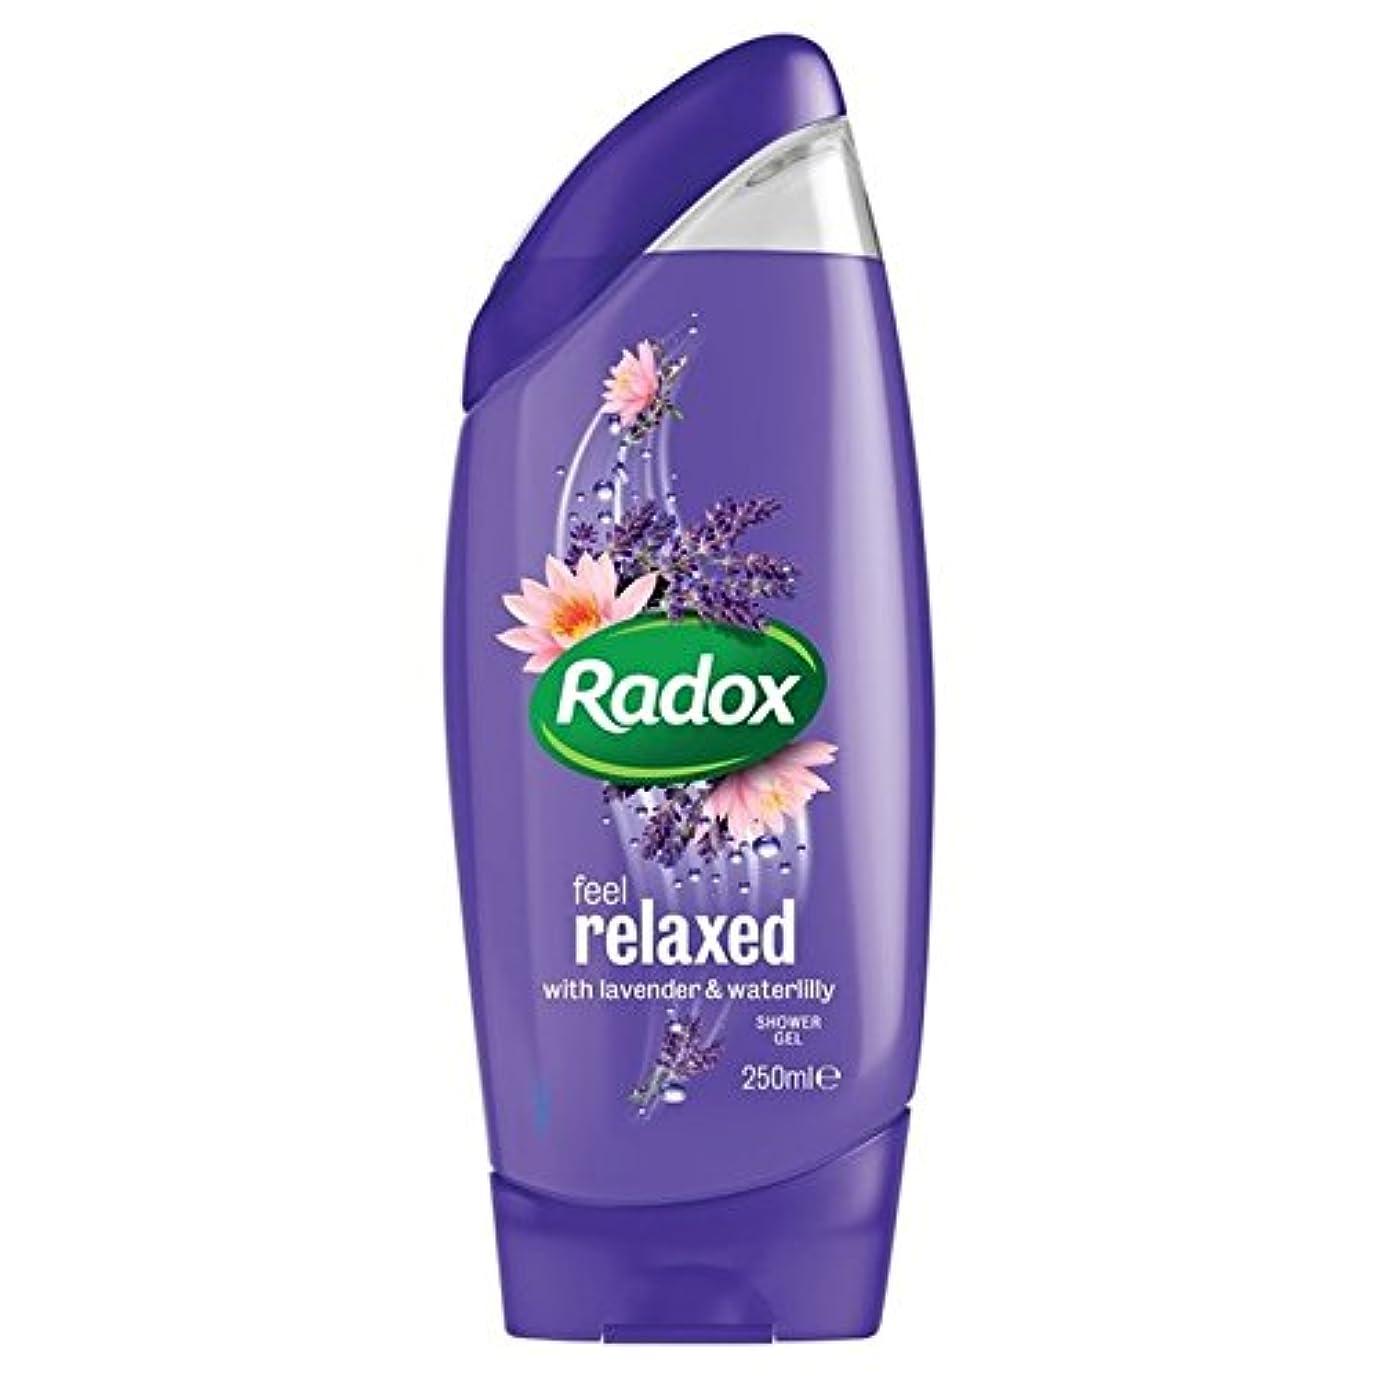 蓮委任学校教育はリラックスシャワージェル250ミリリットルを感じます x4 - Radox Feel Relaxed Shower Gel 250ml (Pack of 4) [並行輸入品]